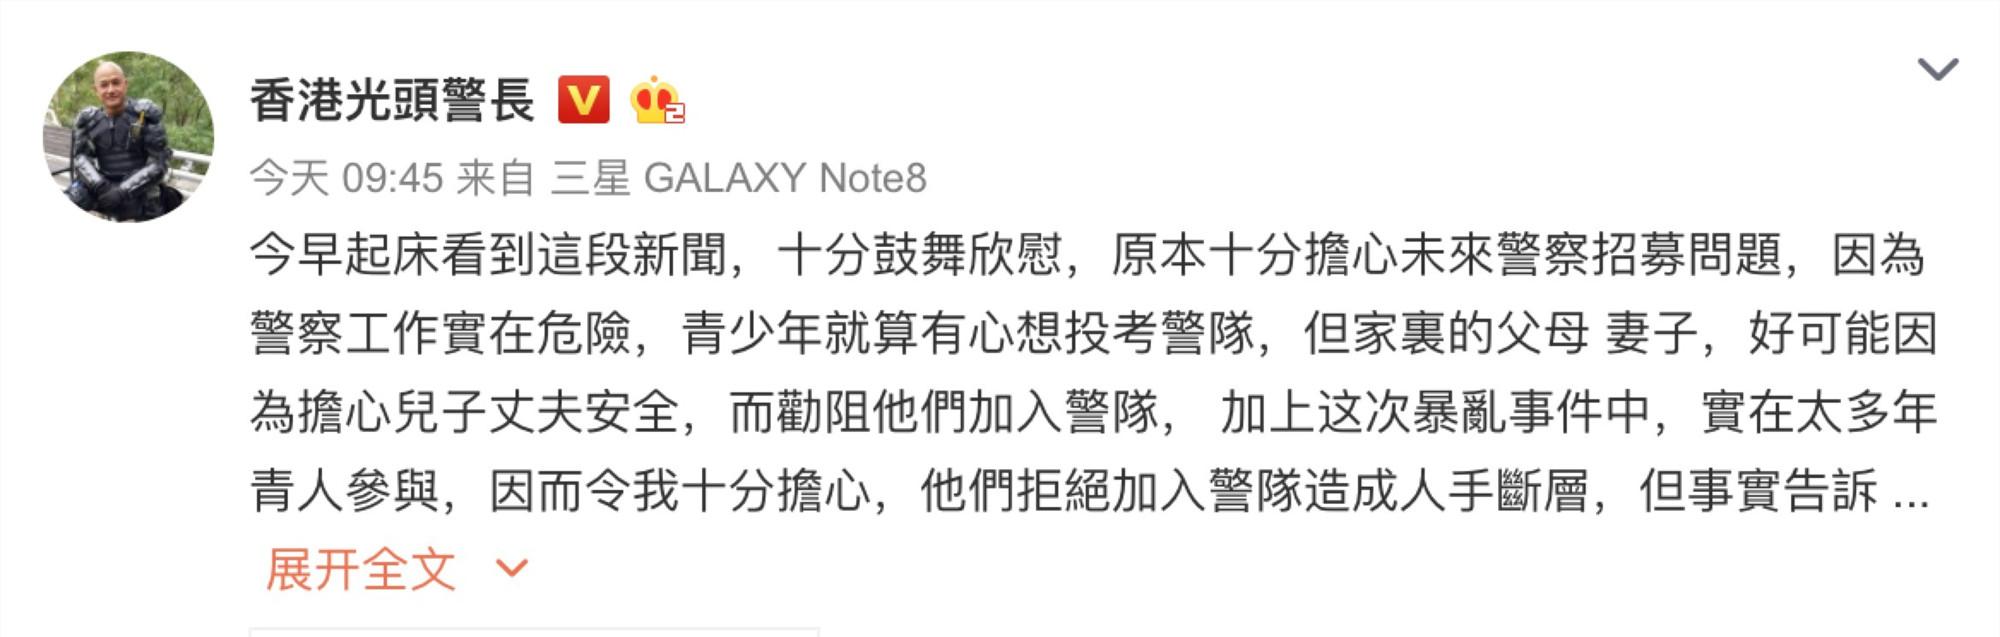 图为香港光头警长刘Sir的微博